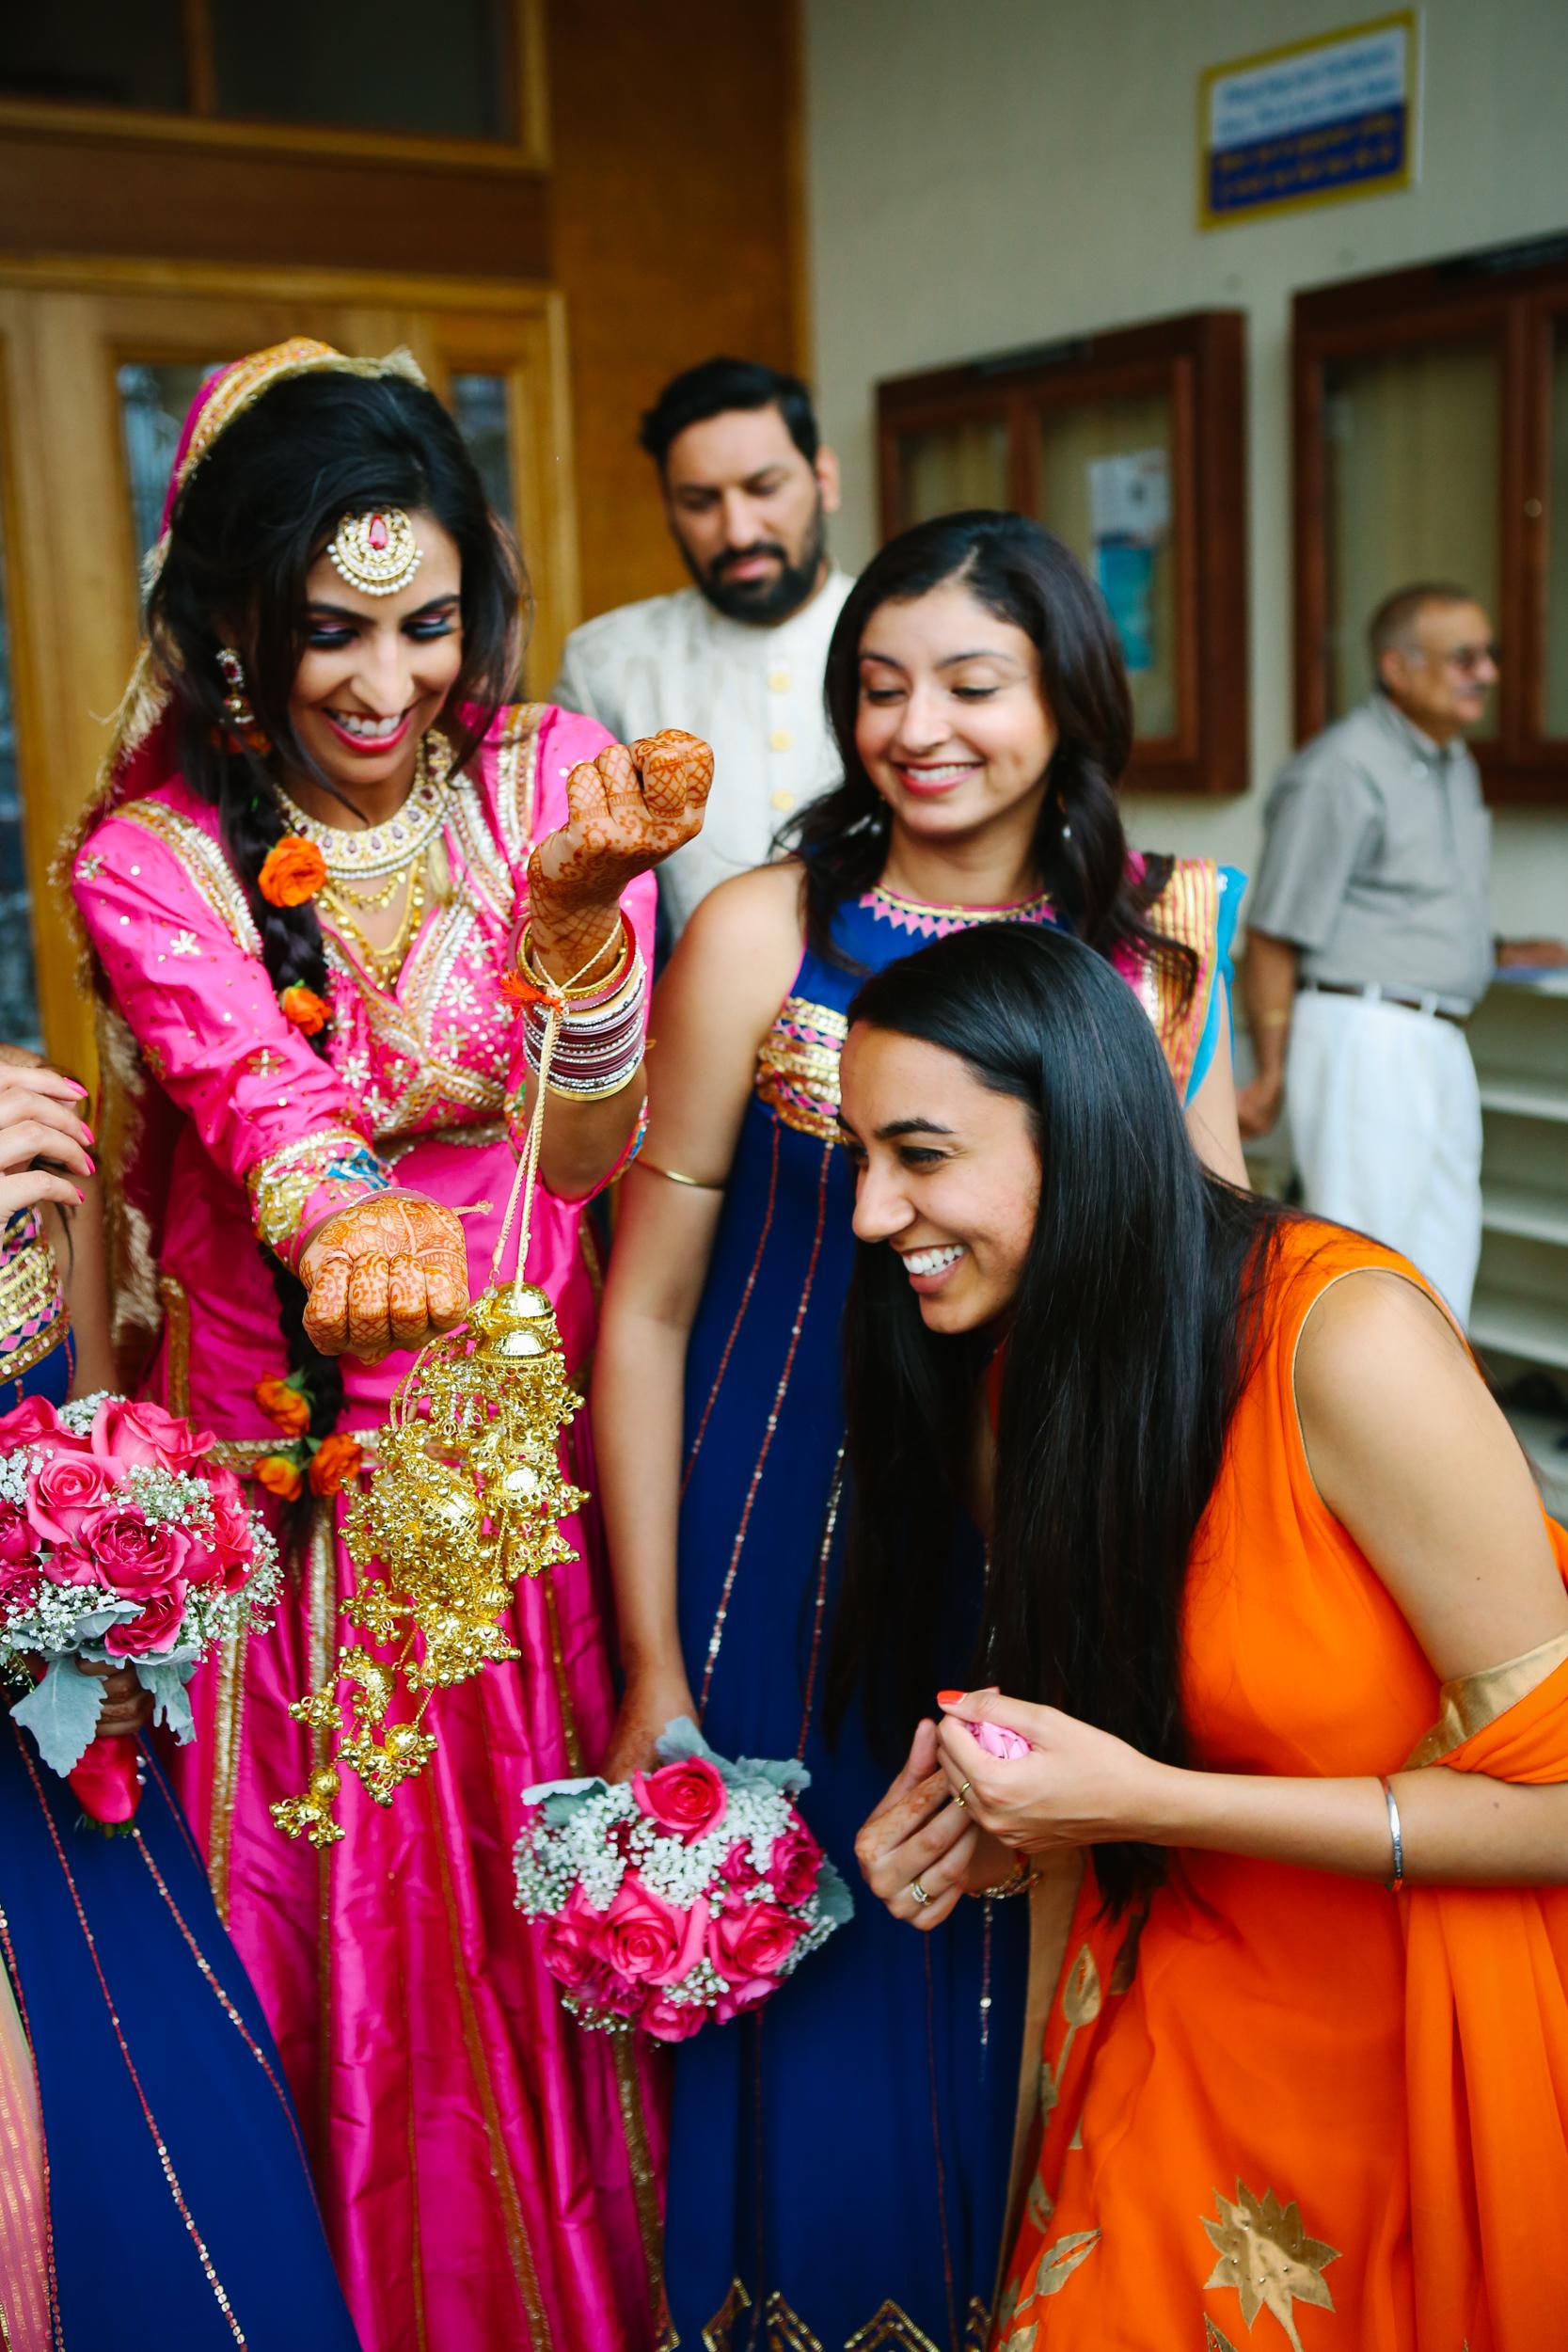 JKP_Indian_Weddings_0169.JPG